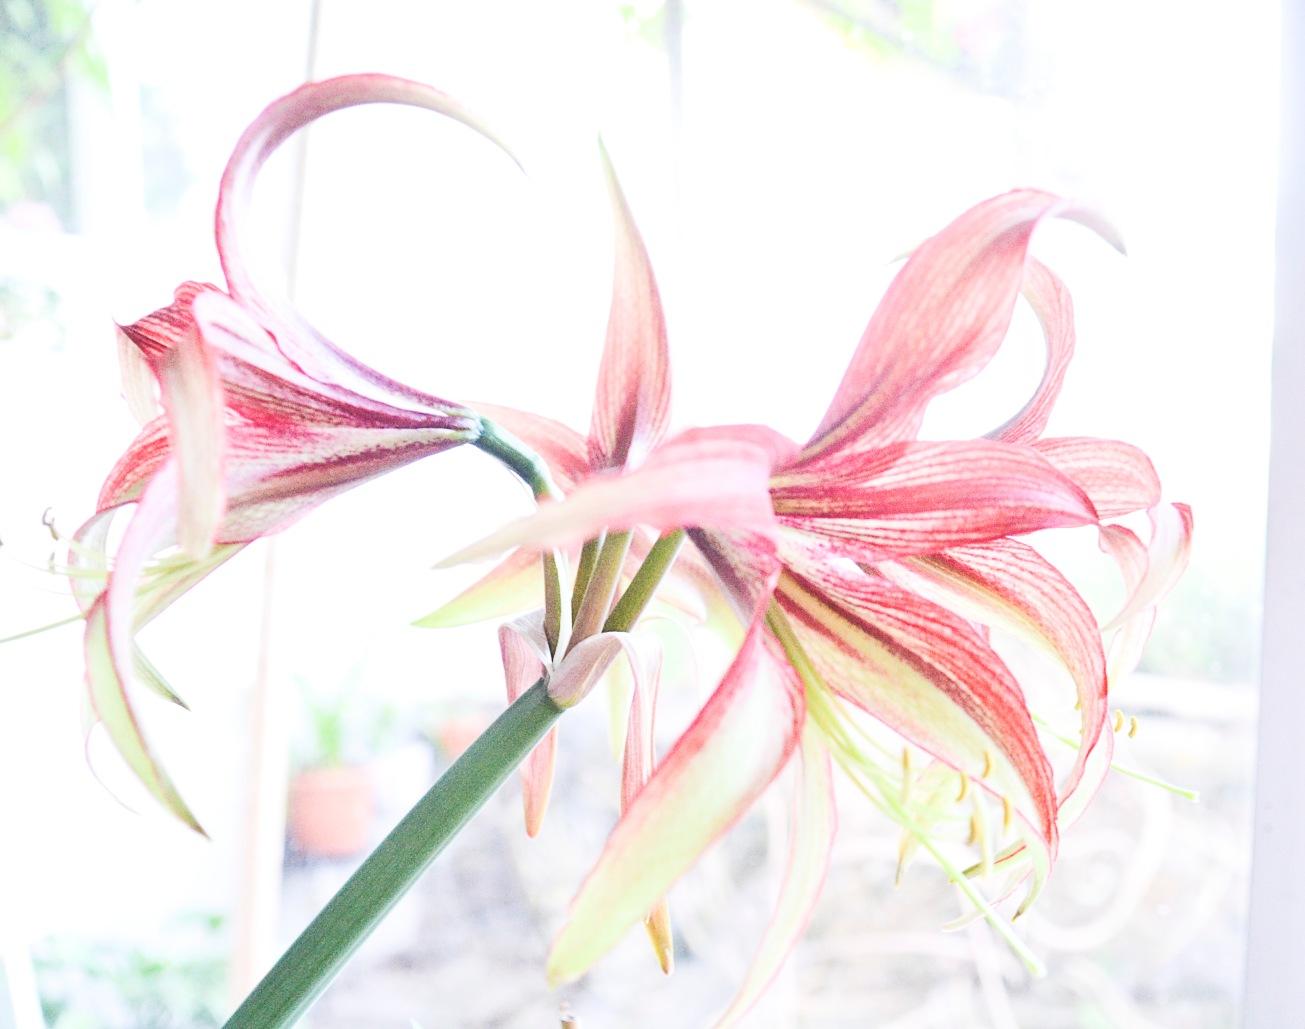 Orkide mm sommar 2016 067_copy